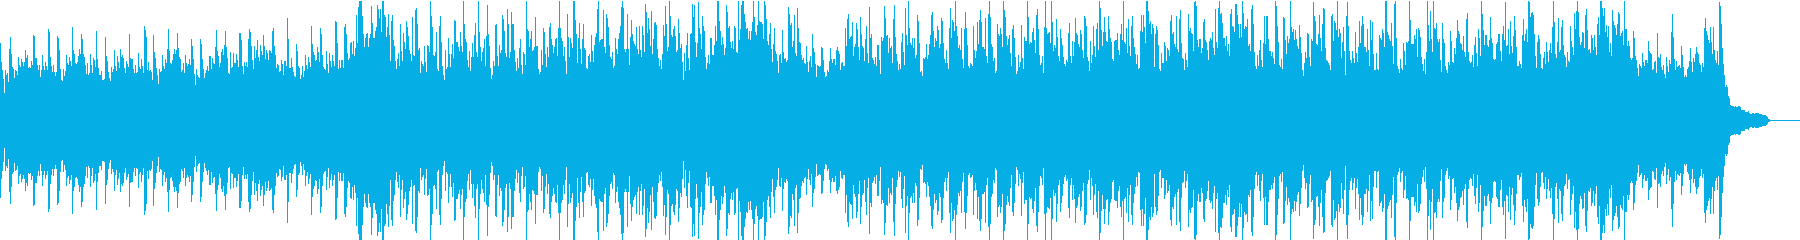 温かく切ない感動ピアノ管弦楽4高音弦ぬきの再生済みの波形